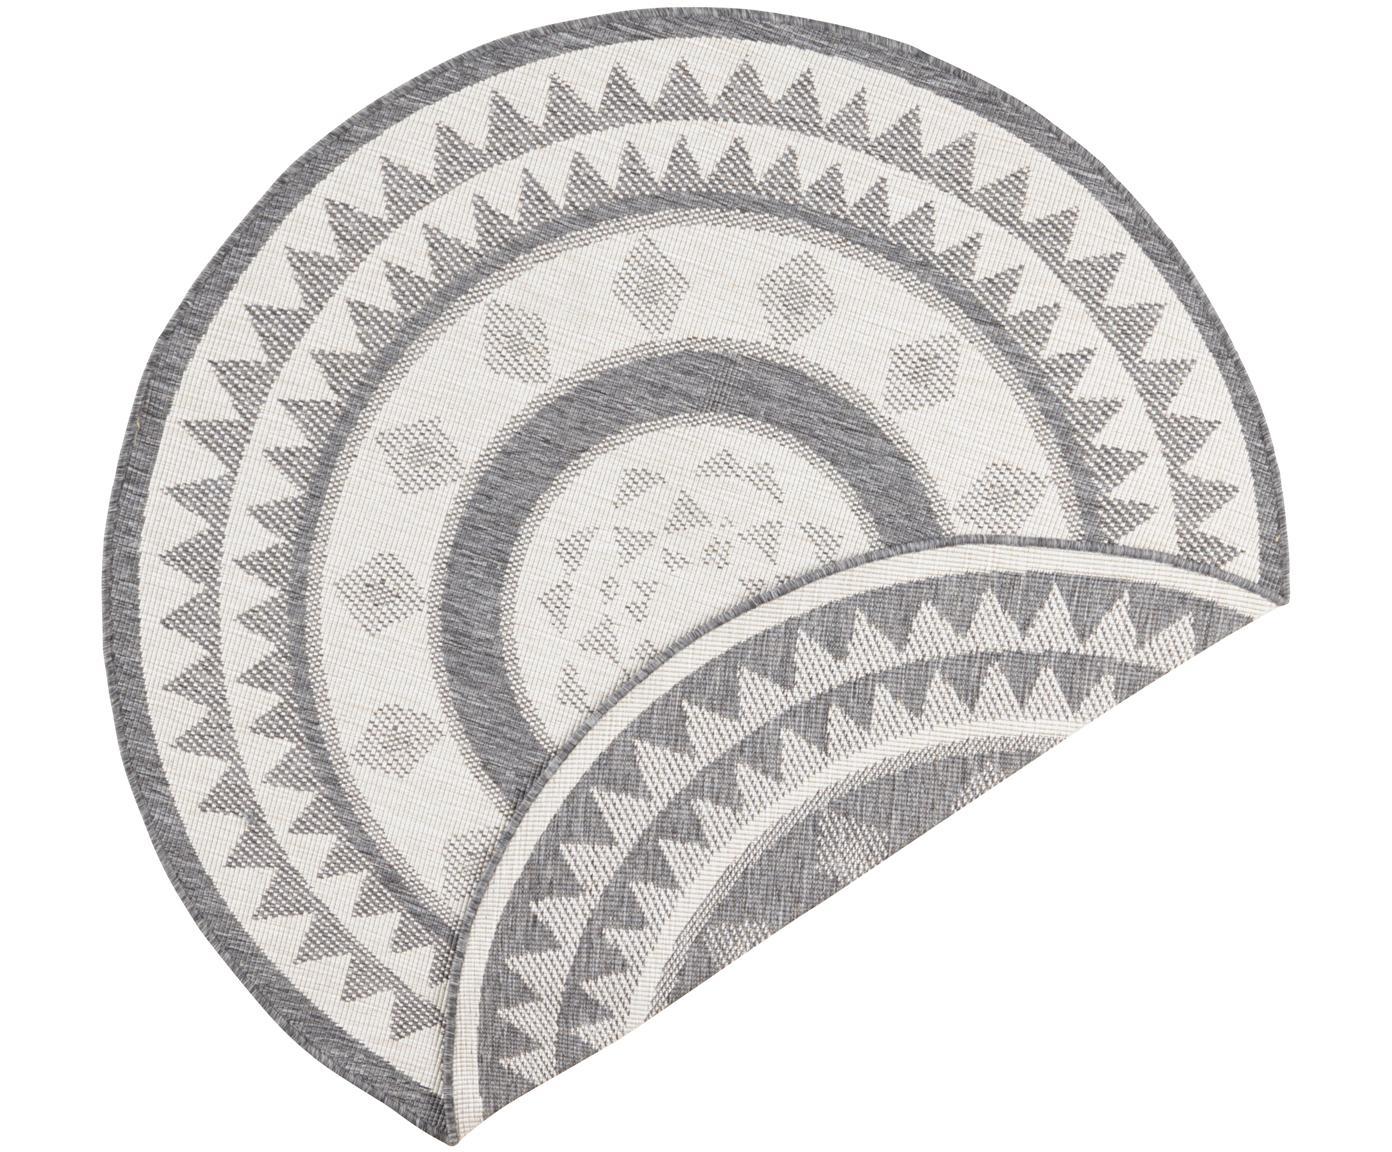 Rond dubbelzijdig in- & outdoor vloerkleed Jamaica, Grijs, crèmekleurig, Ø 140 cm (maat M)